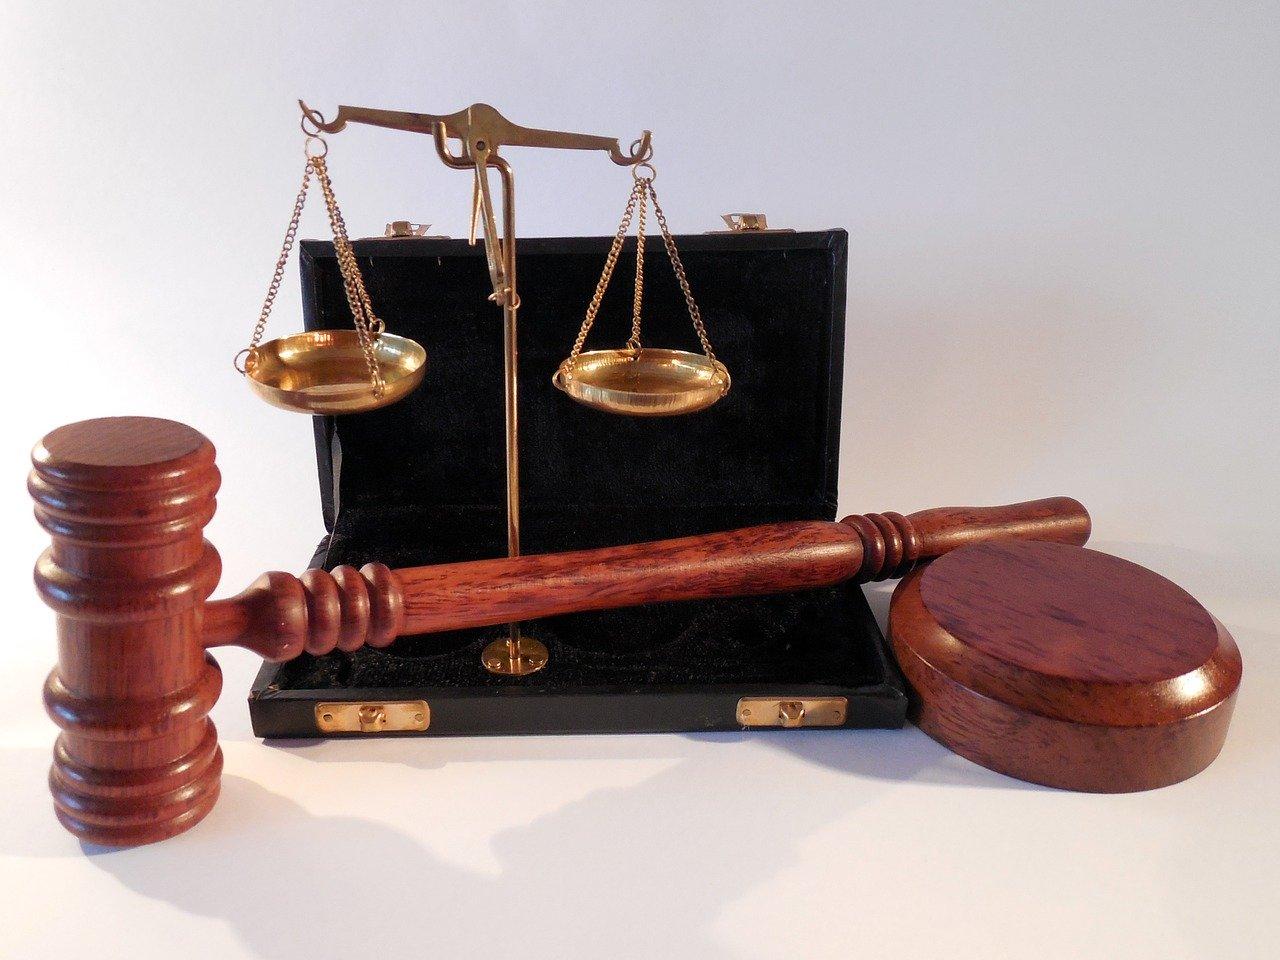 עורך דין סכסוכי ירושה בגבעתיים